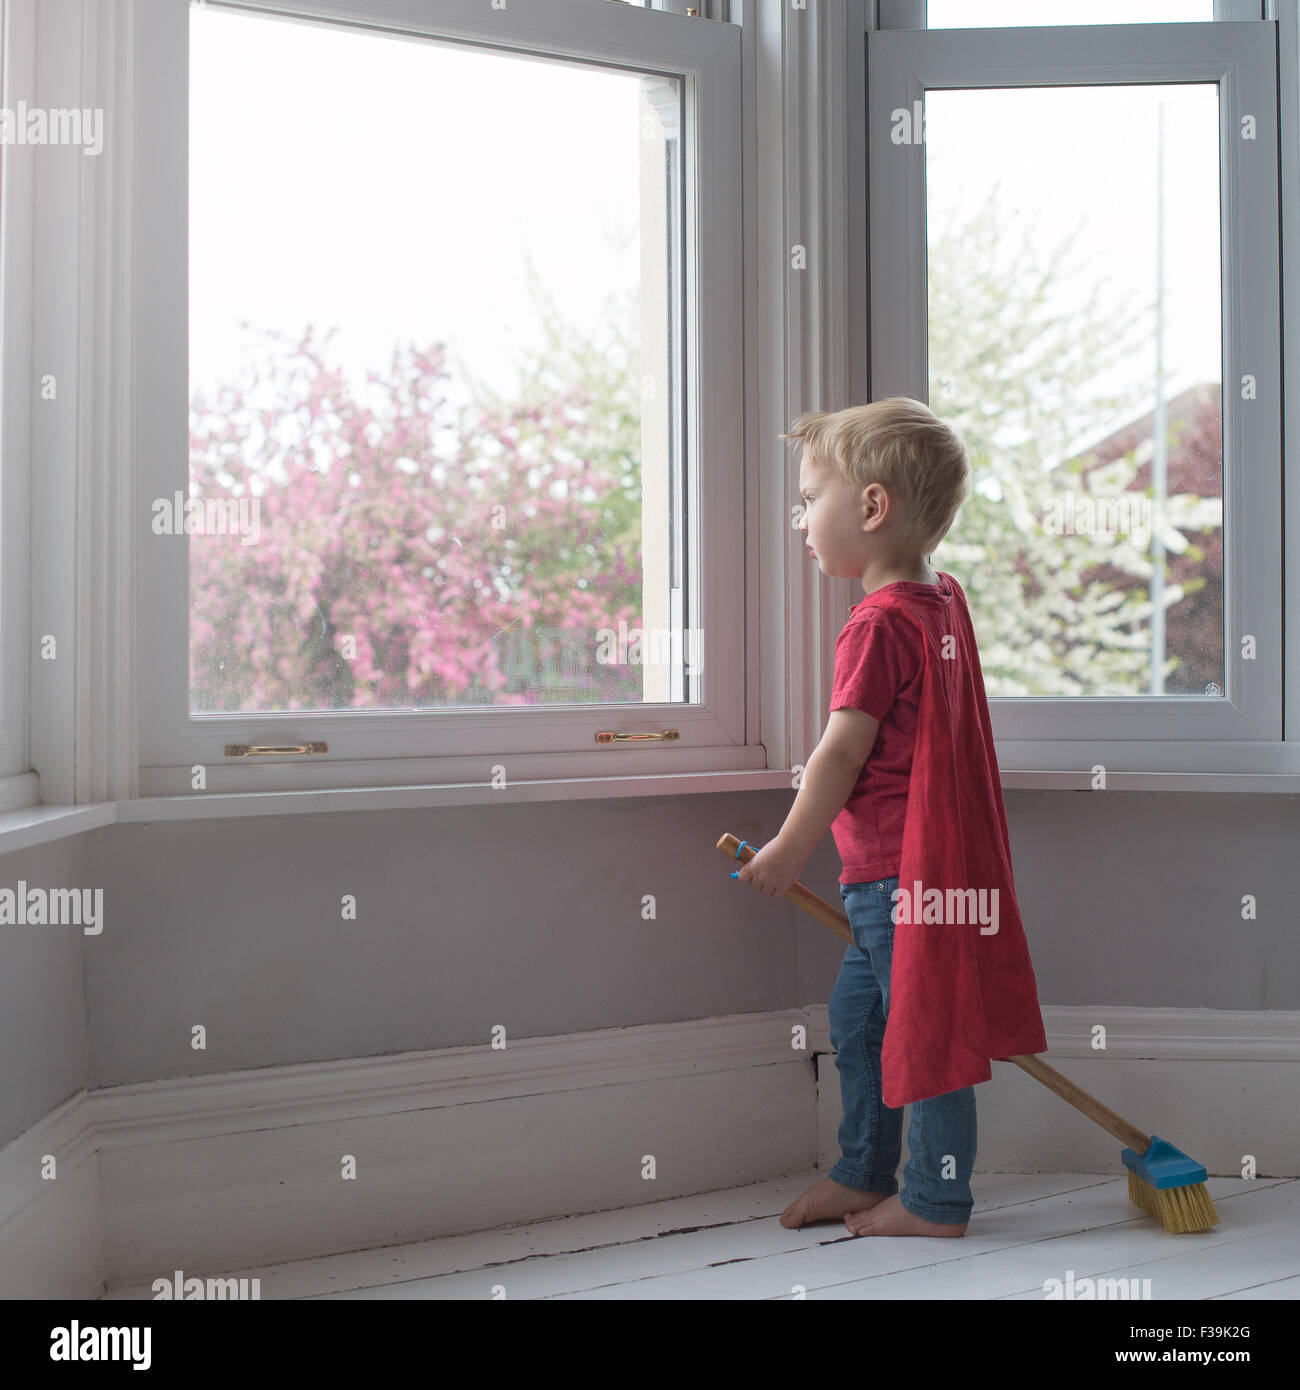 Chico vestido como superhéroe, mirando a través de la ventana Imagen De Stock